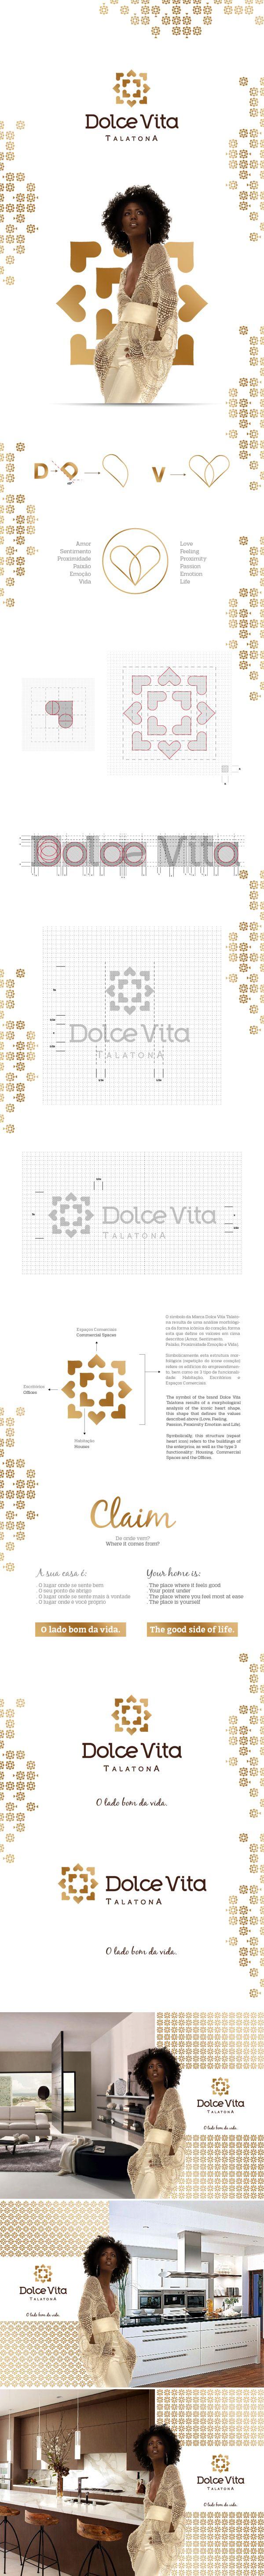 Dolce Vita Talatona - O lado bom da Vida. by Frederico Paixão